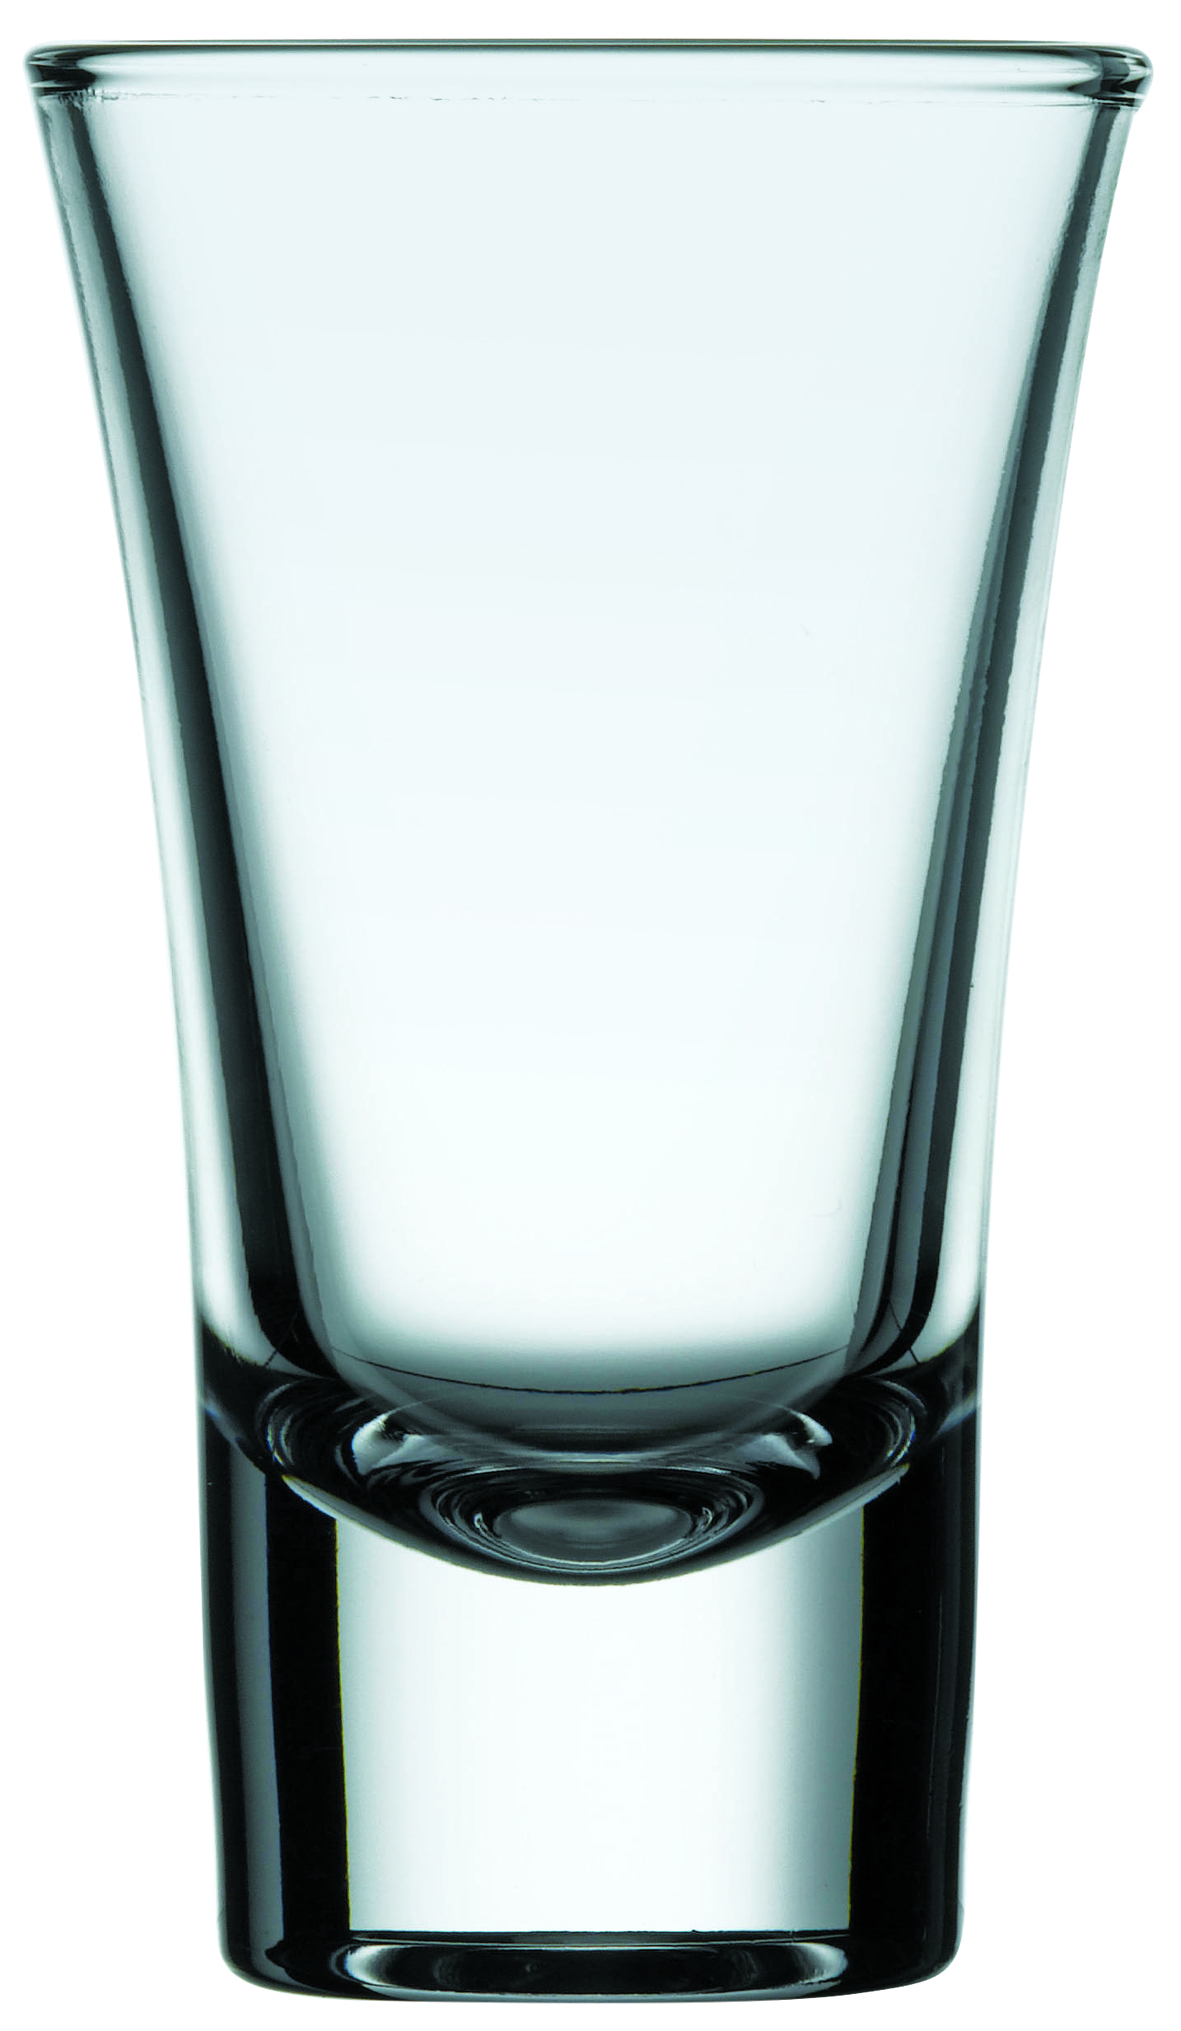 Schnapsglas 0,06L, geeicht 0,02/0,04L